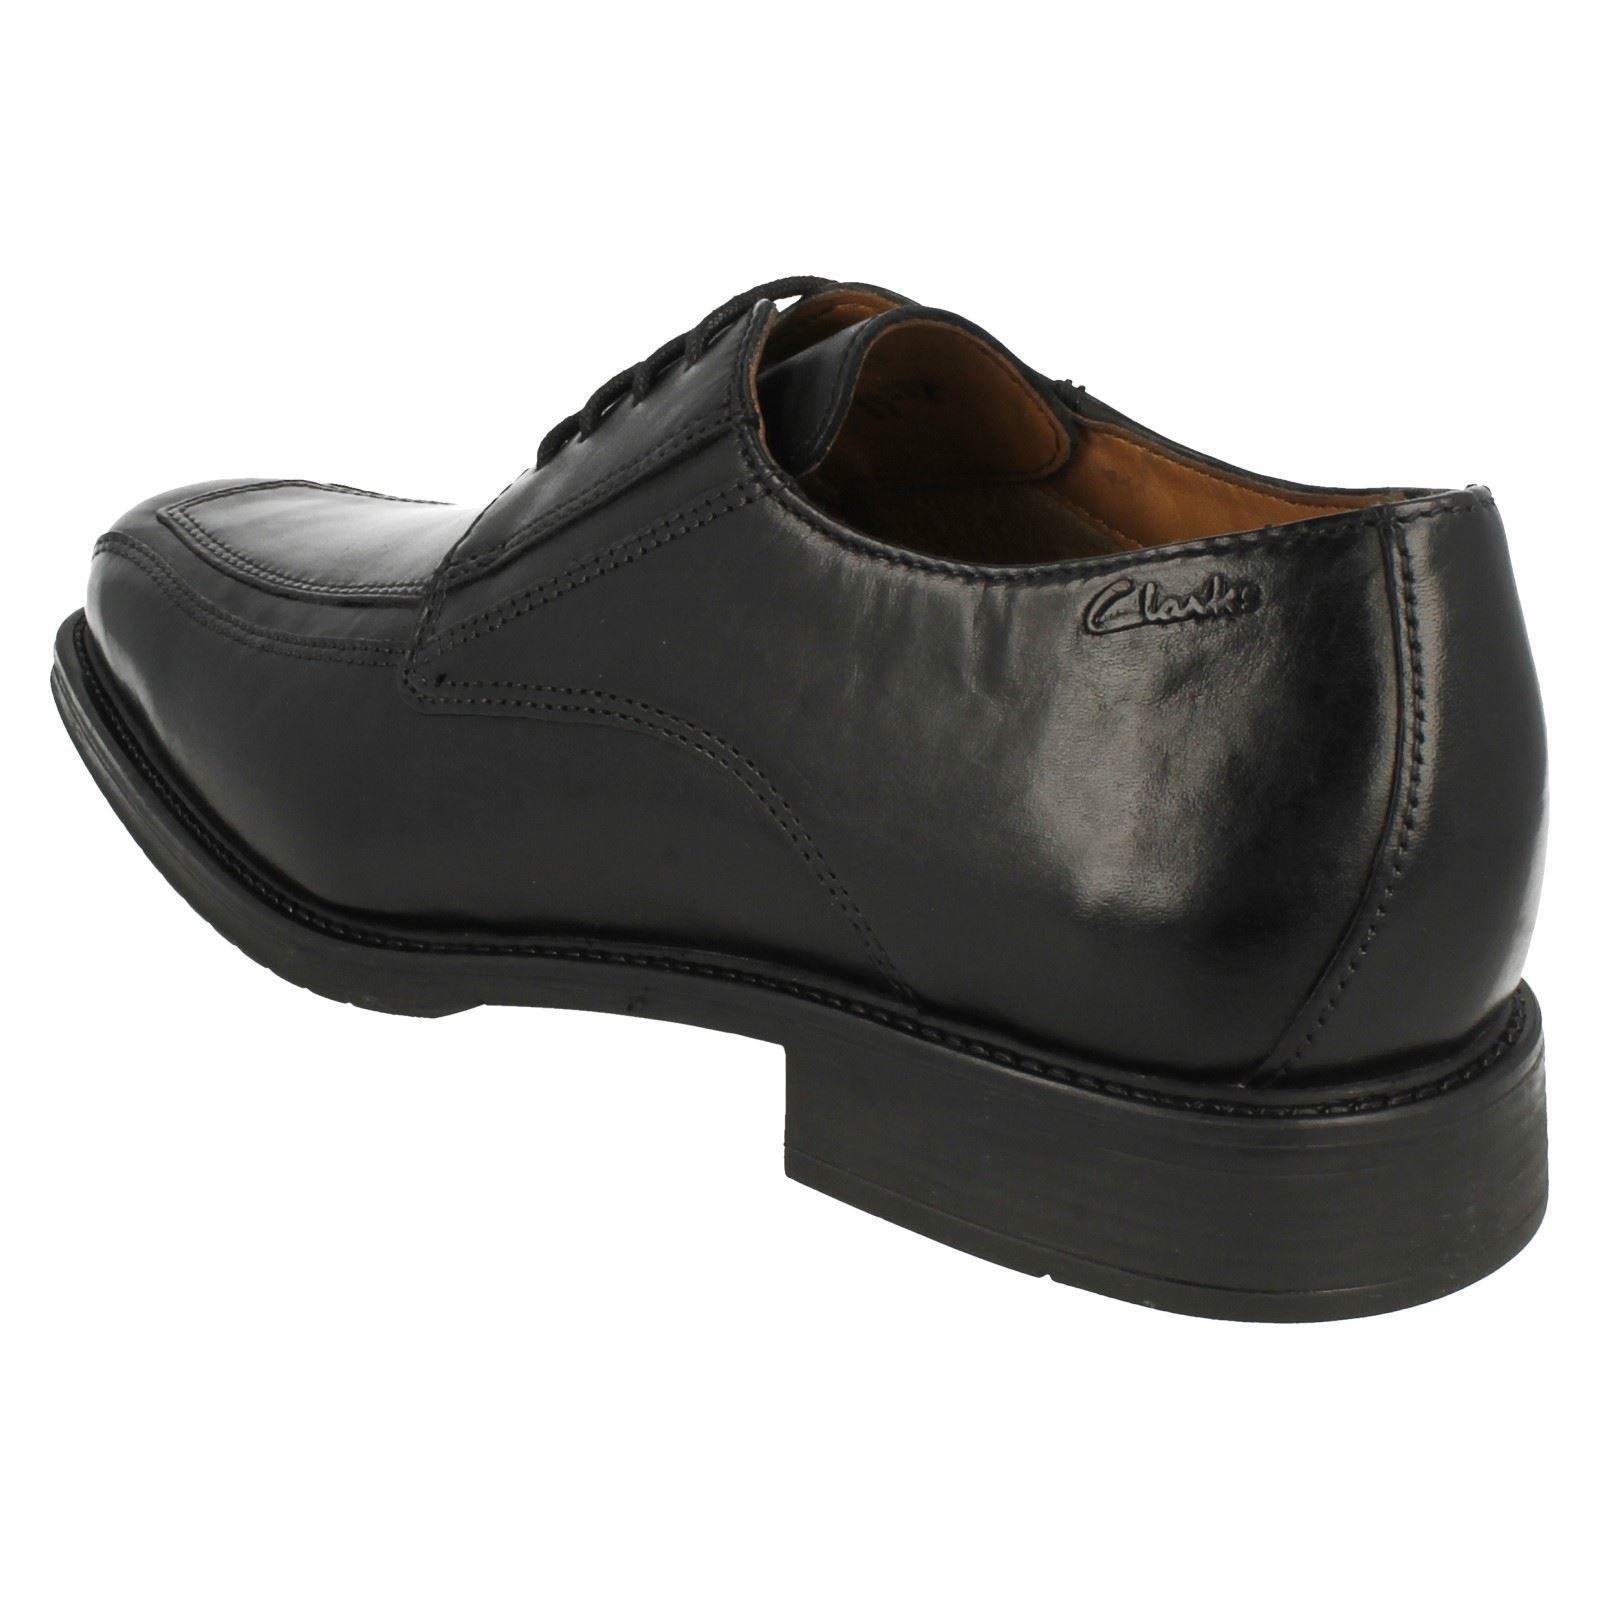 Para Hombre Clarks lazada Zapatos De Cuero Estilo-Driggs Estilo-Driggs Cuero caminar 3df7ca